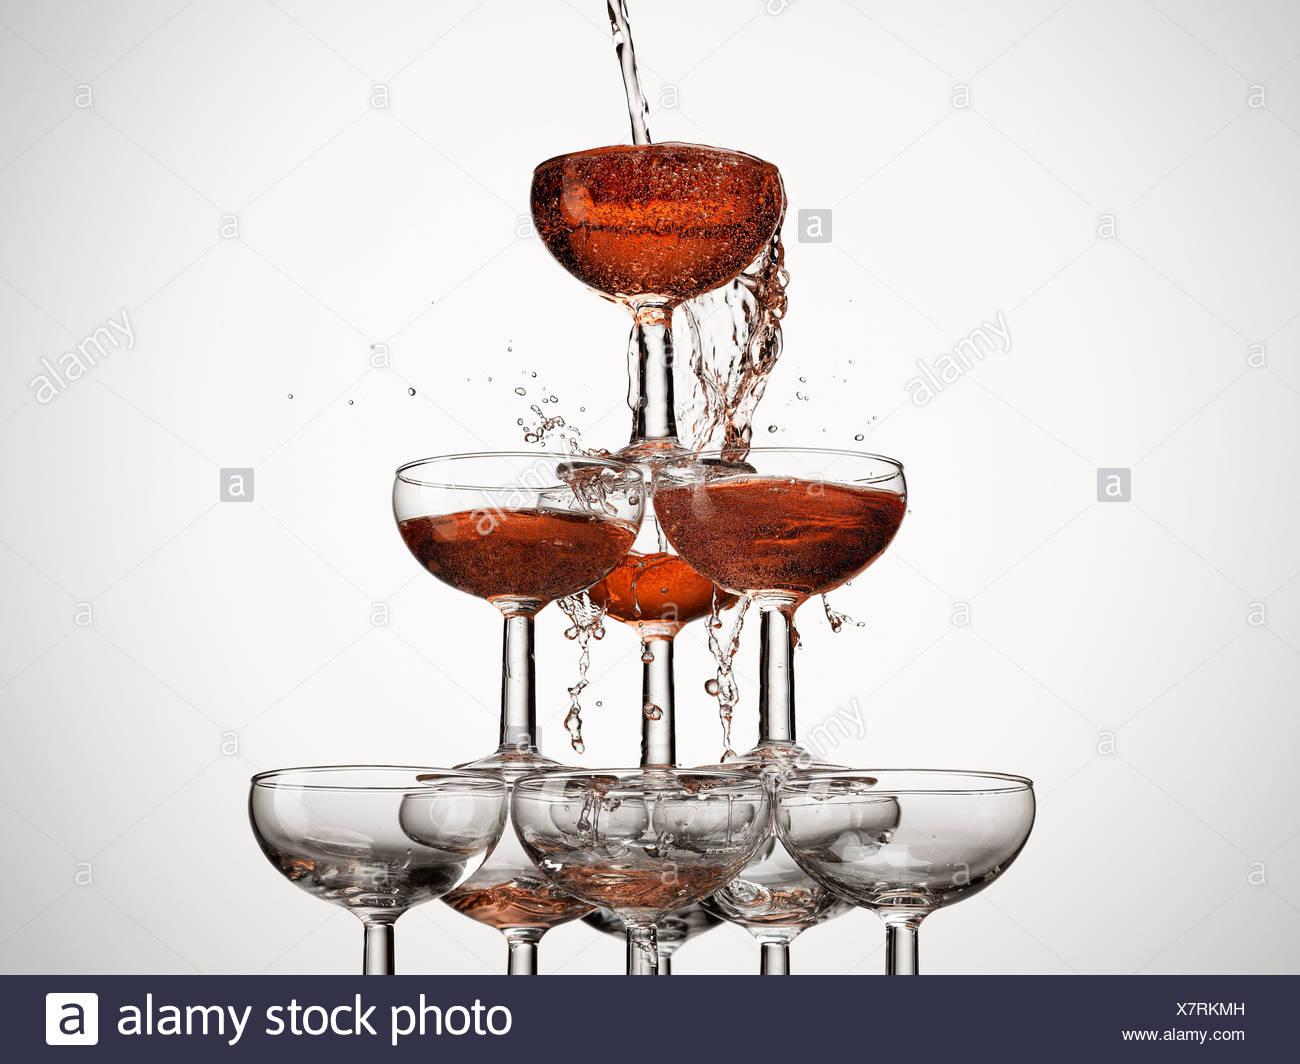 Fülle, Vorfreude, Aspiration, Anfänge, Blase, Feier, Sektglas, Farbbild, Konzept, überschüssige, Füllung, Essen und Stockbild